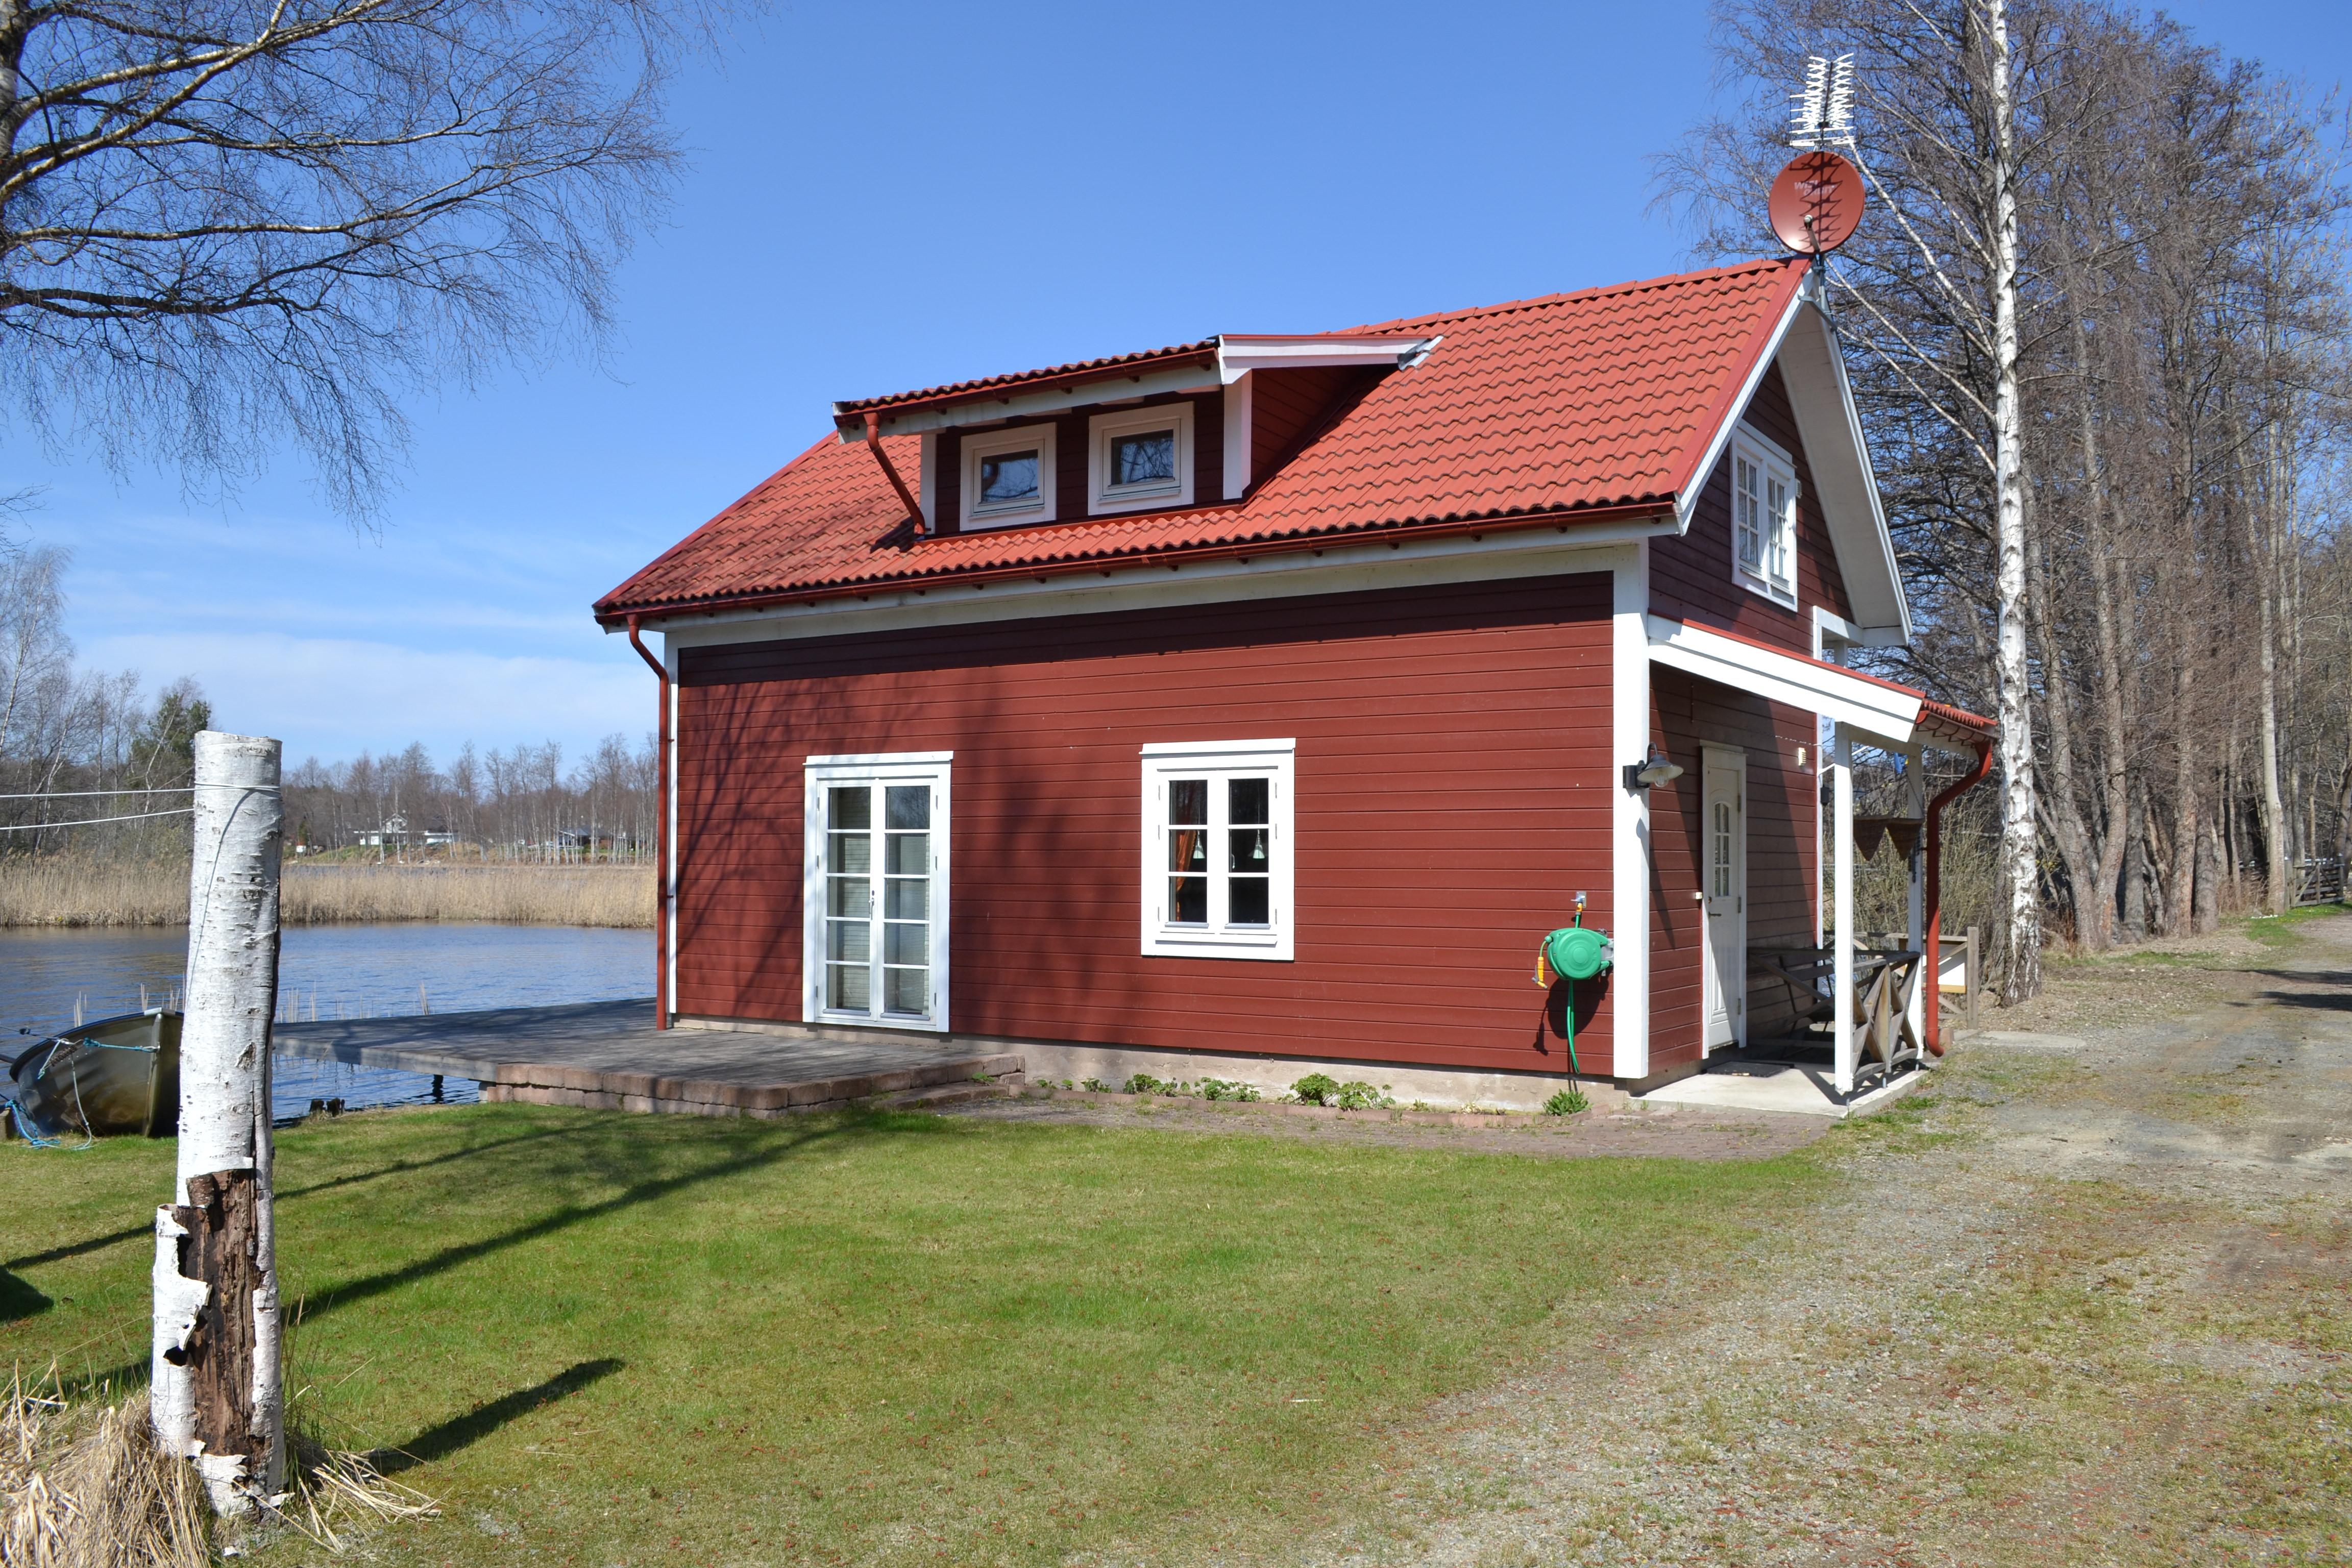 Ferienhaus Idala - Außenansicht